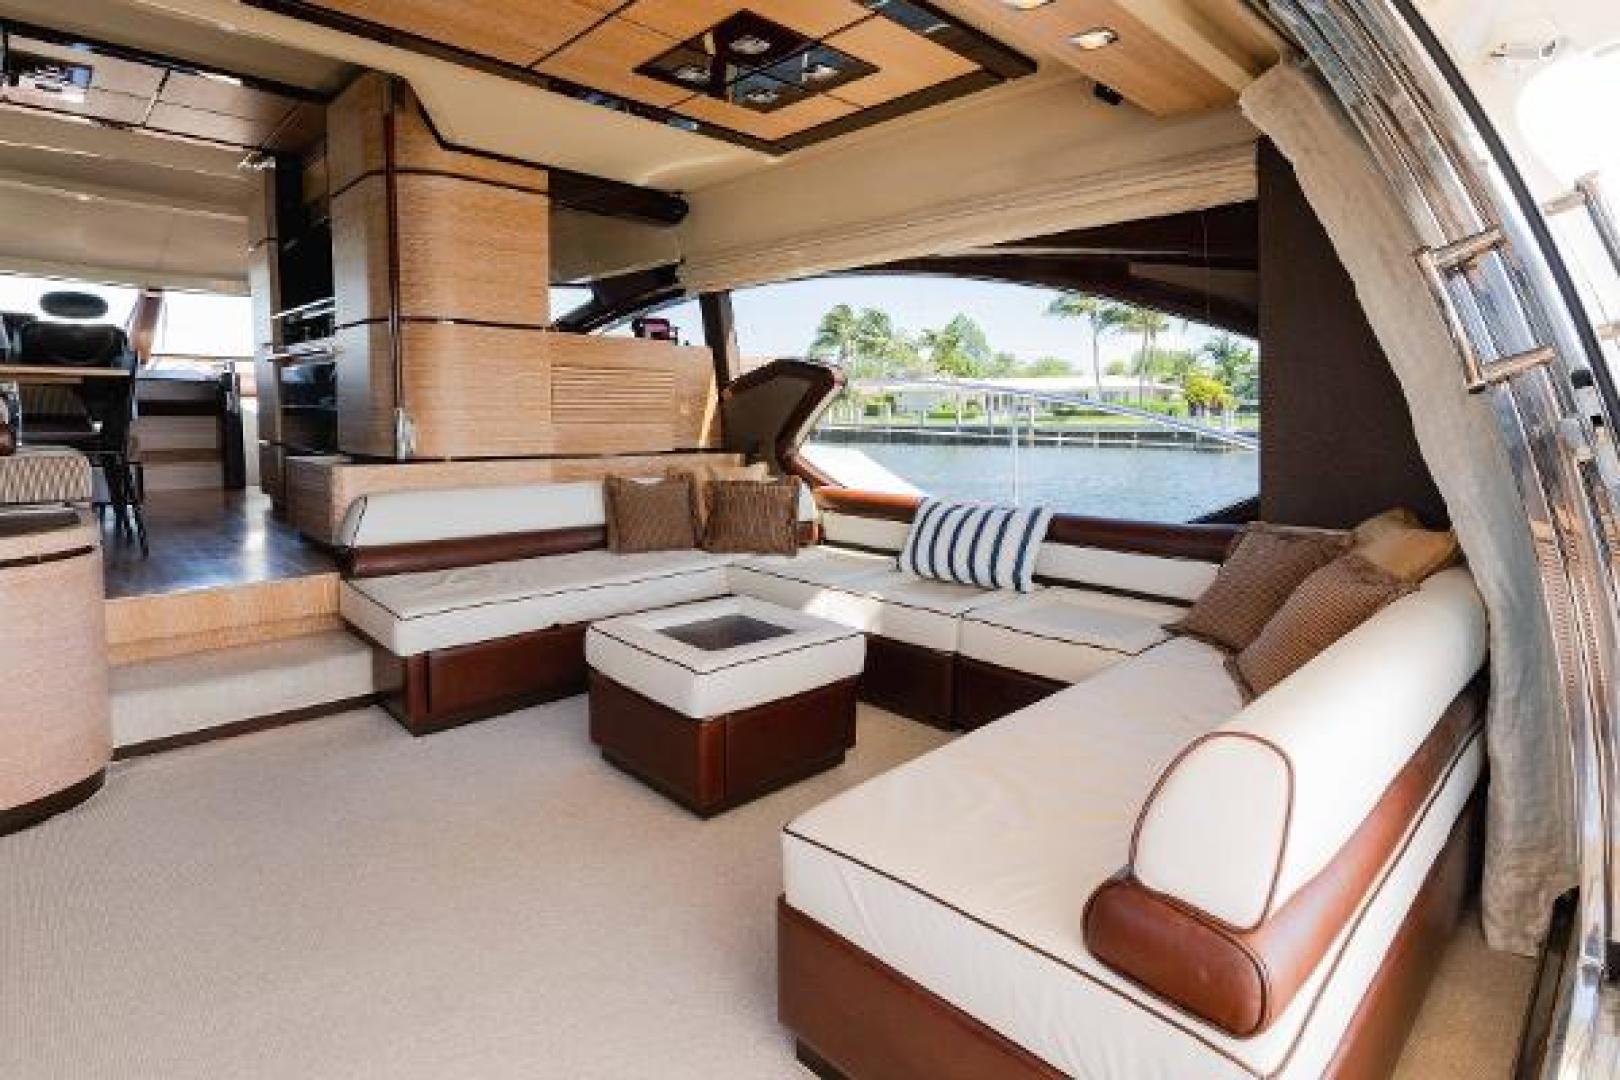 Azimut-Flybridge 2011 -Fort Lauderdale-Florida-United States-1195752 | Thumbnail